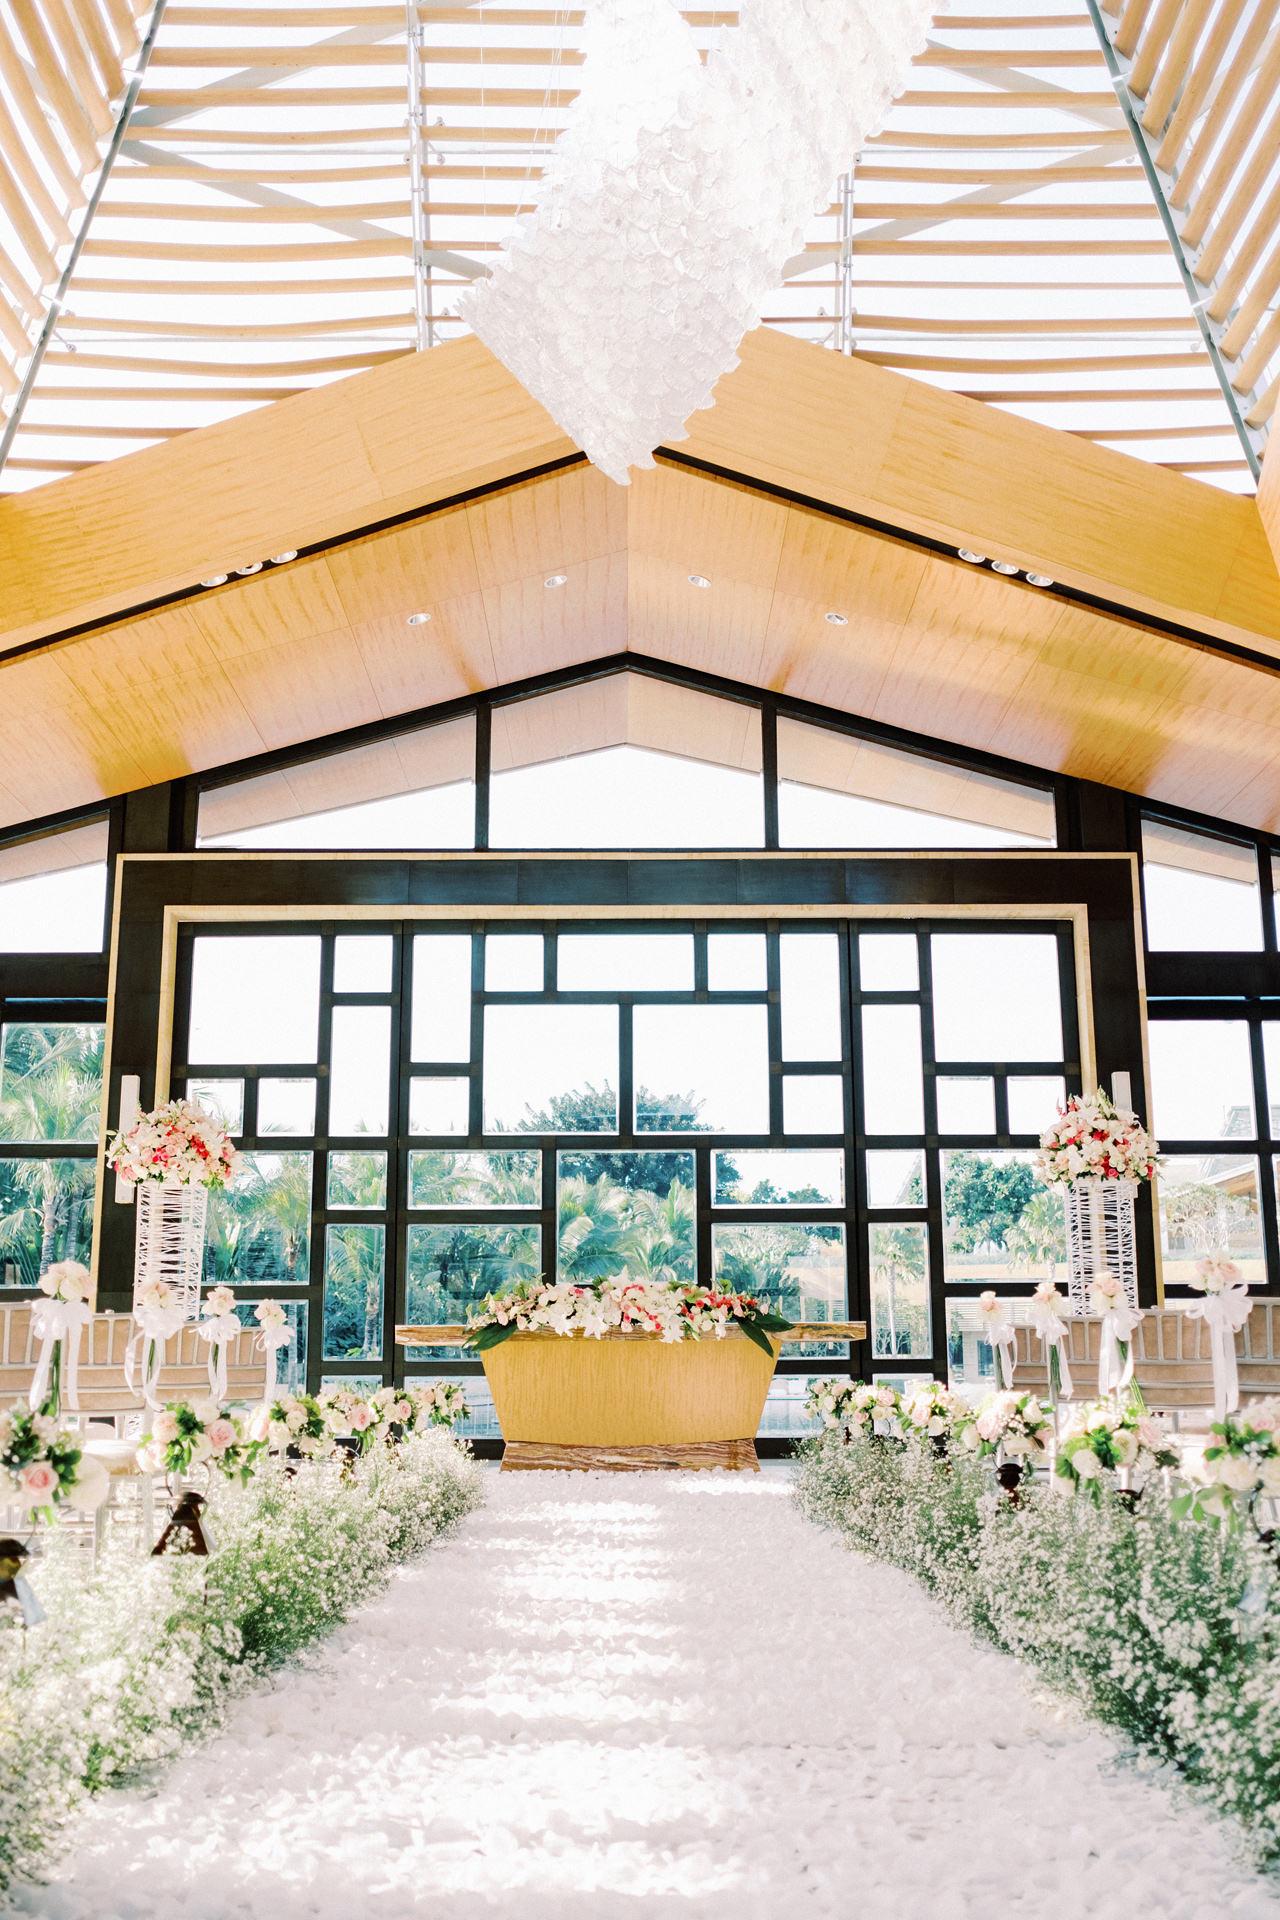 The Mulia Bali Wedding Venue Decoration